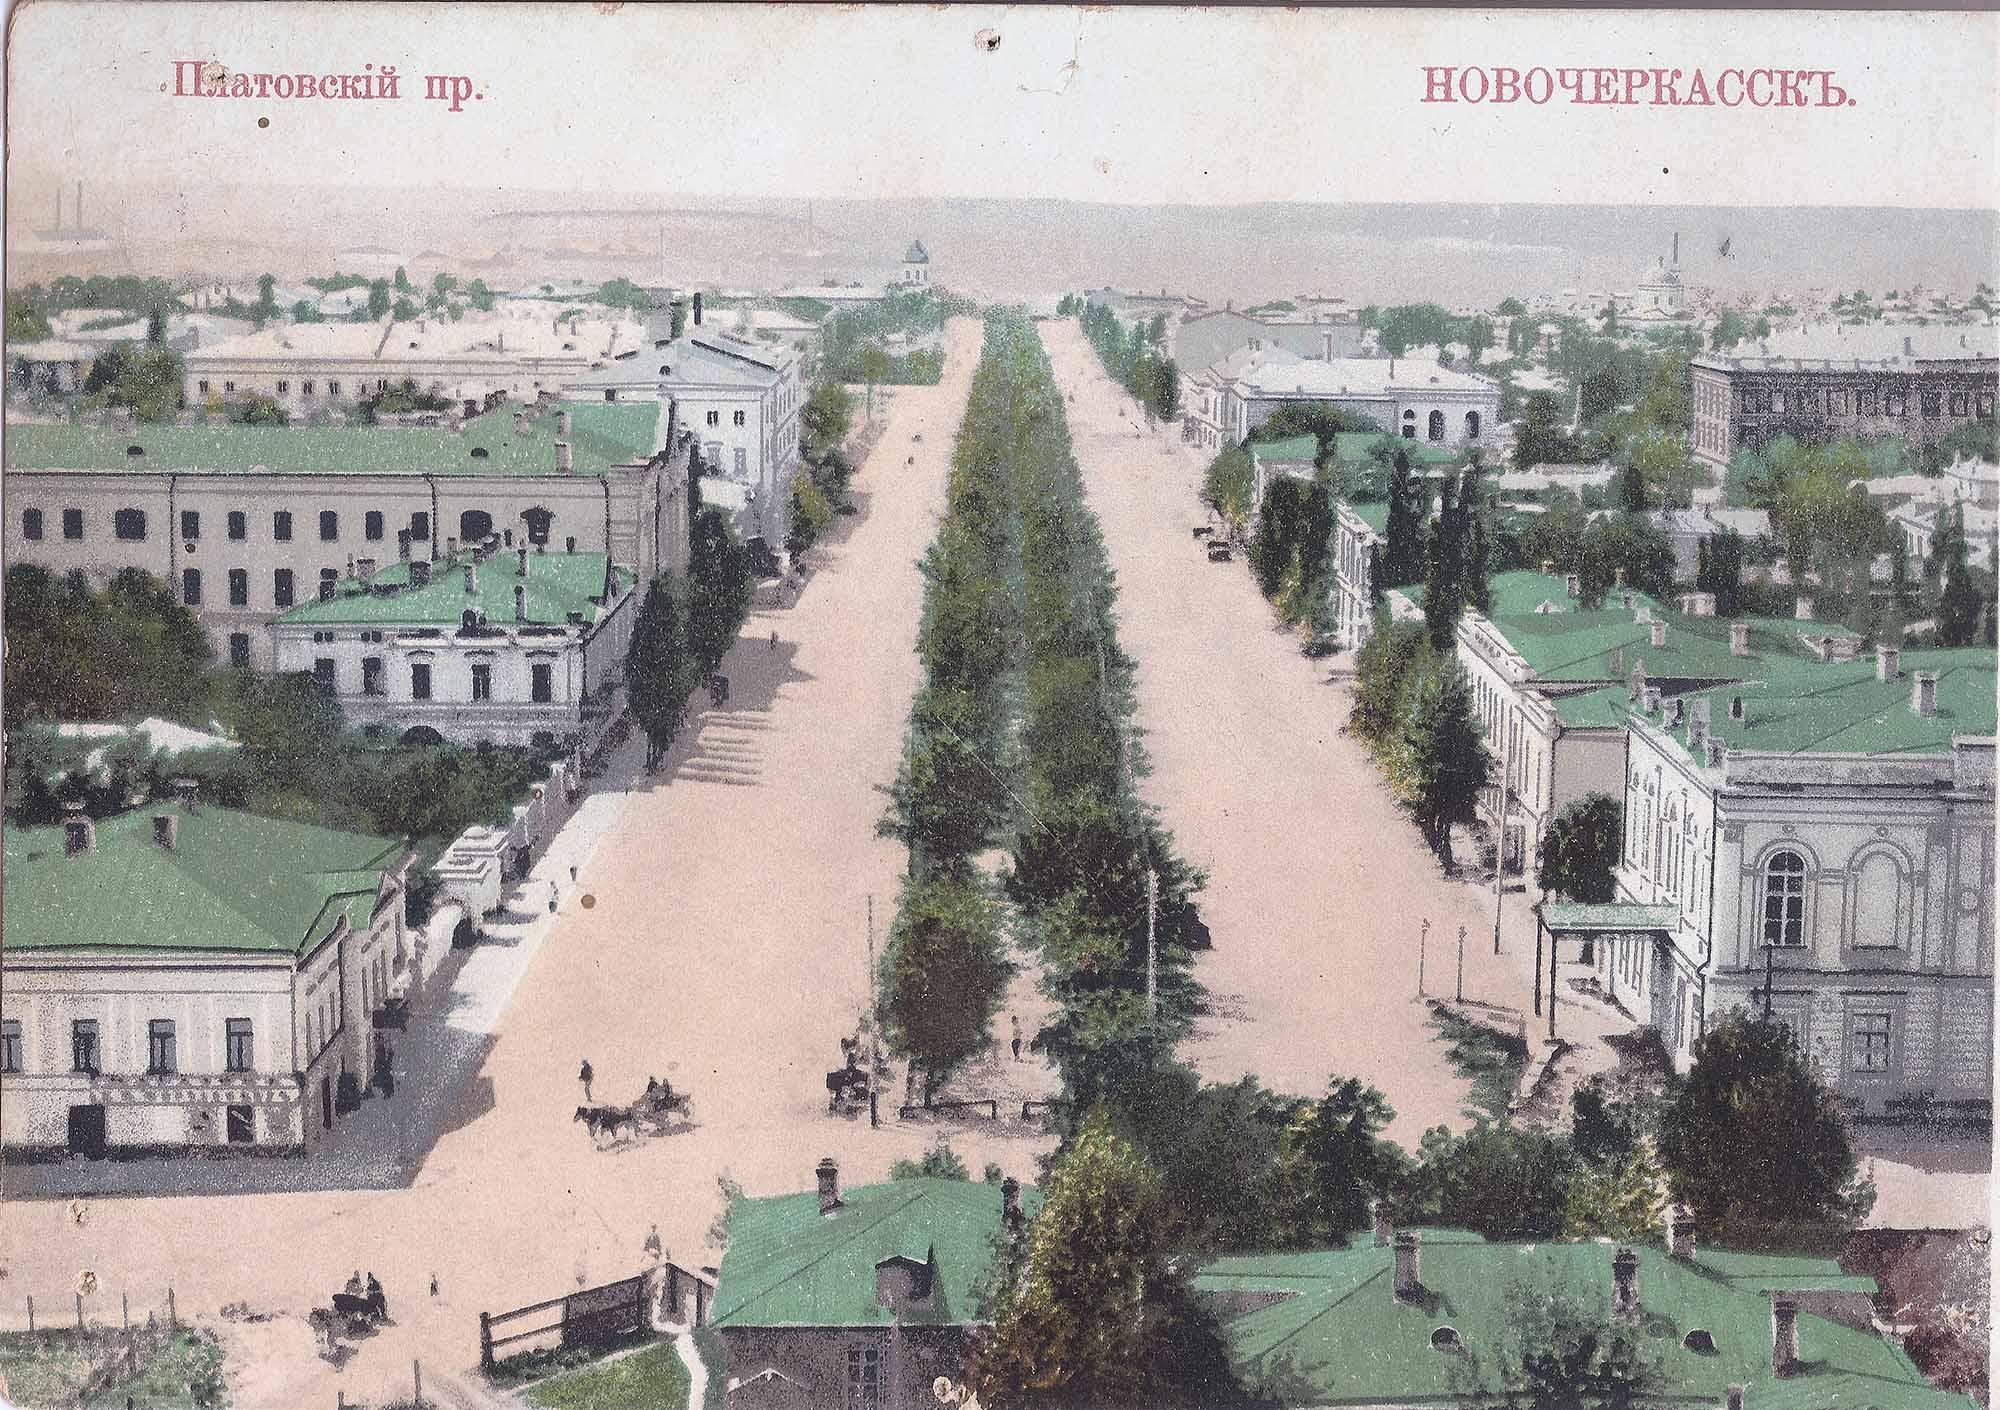 Платовский проспект